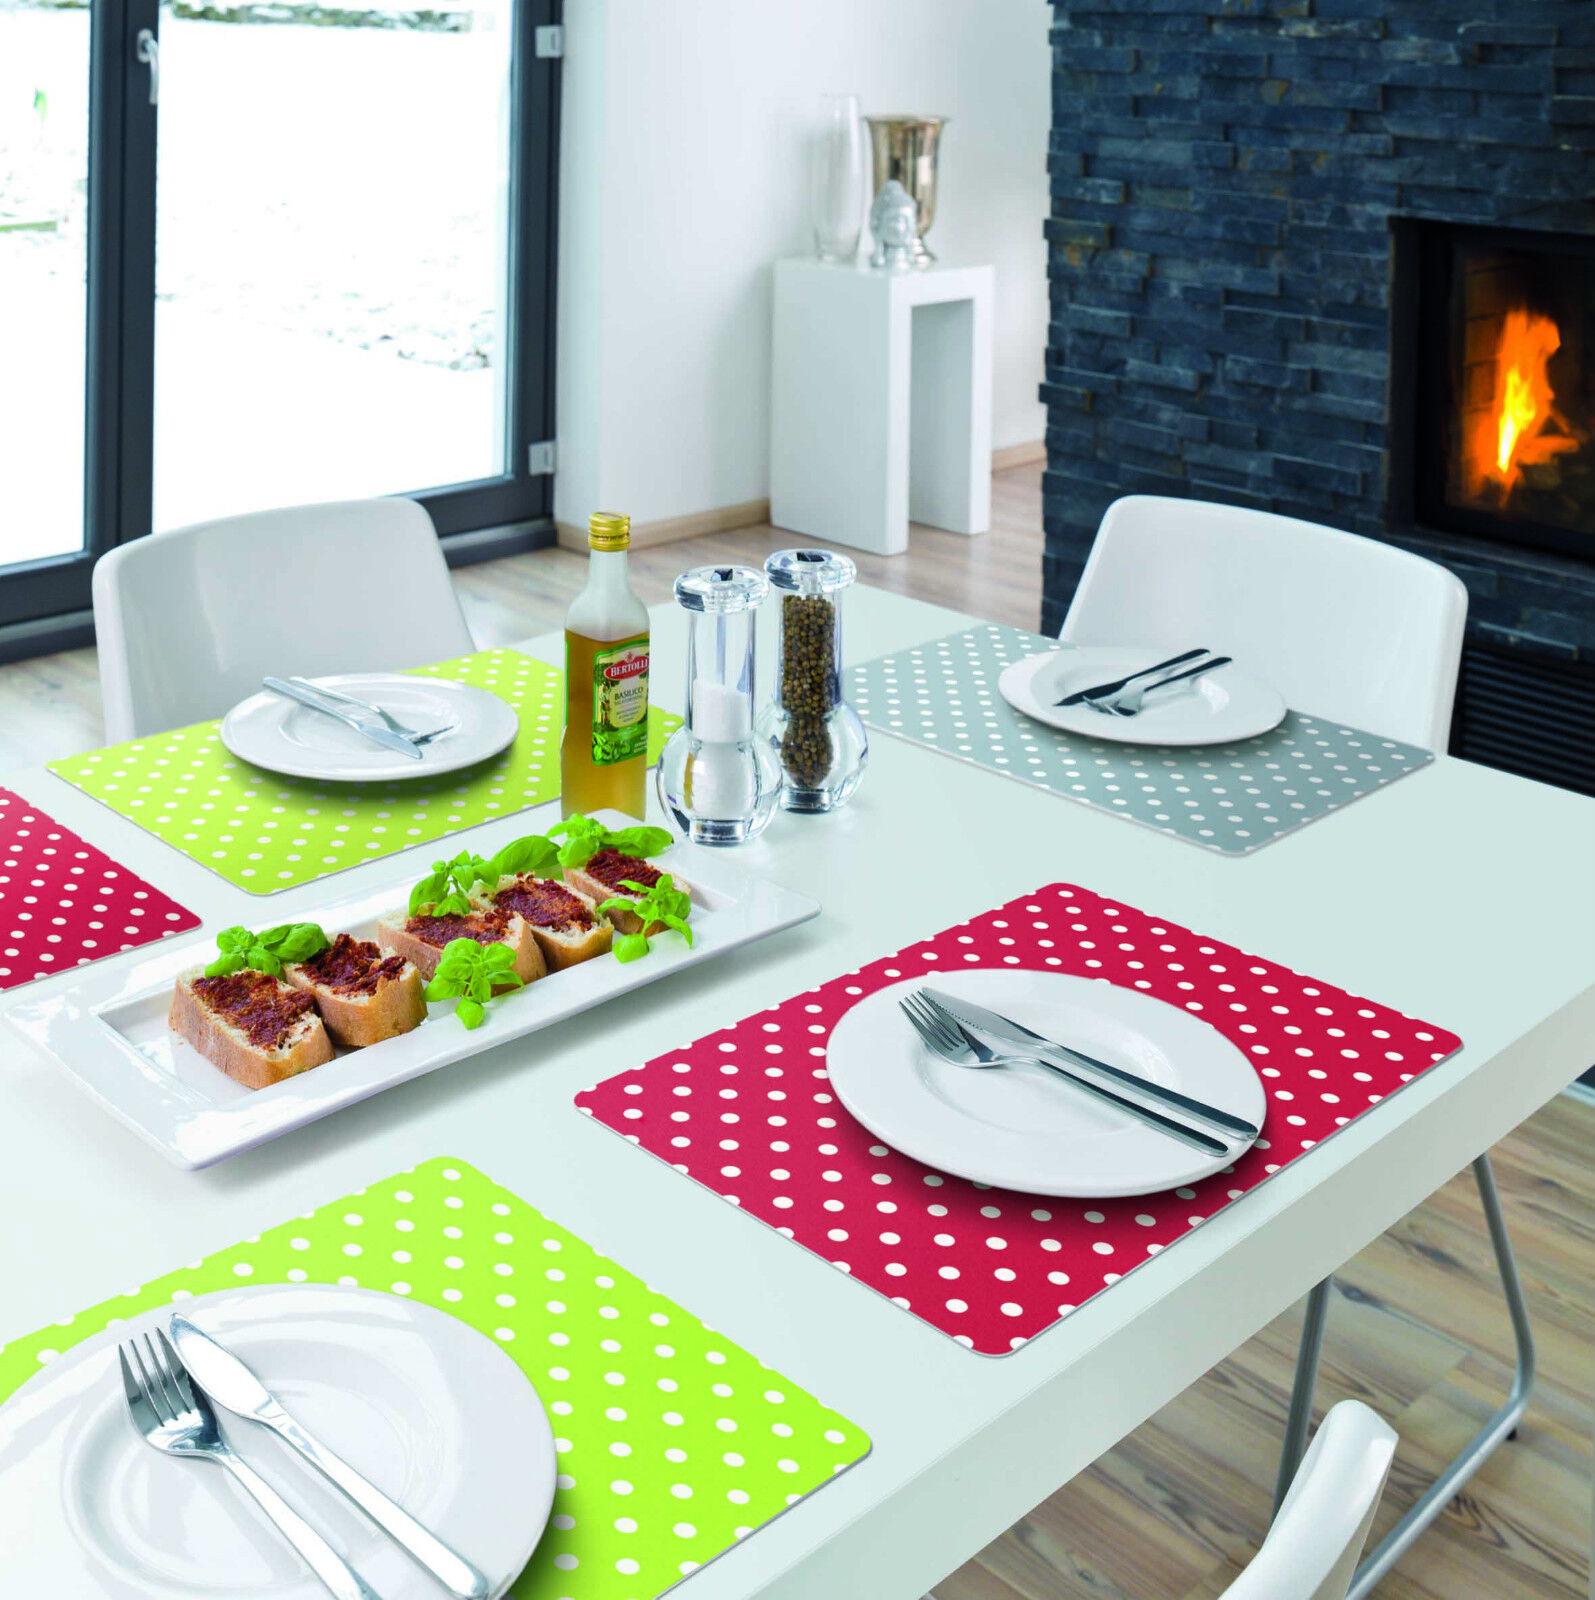 tischset platzset platzdeckchen kunststoff abwaschbar versch designs eur 1 49. Black Bedroom Furniture Sets. Home Design Ideas